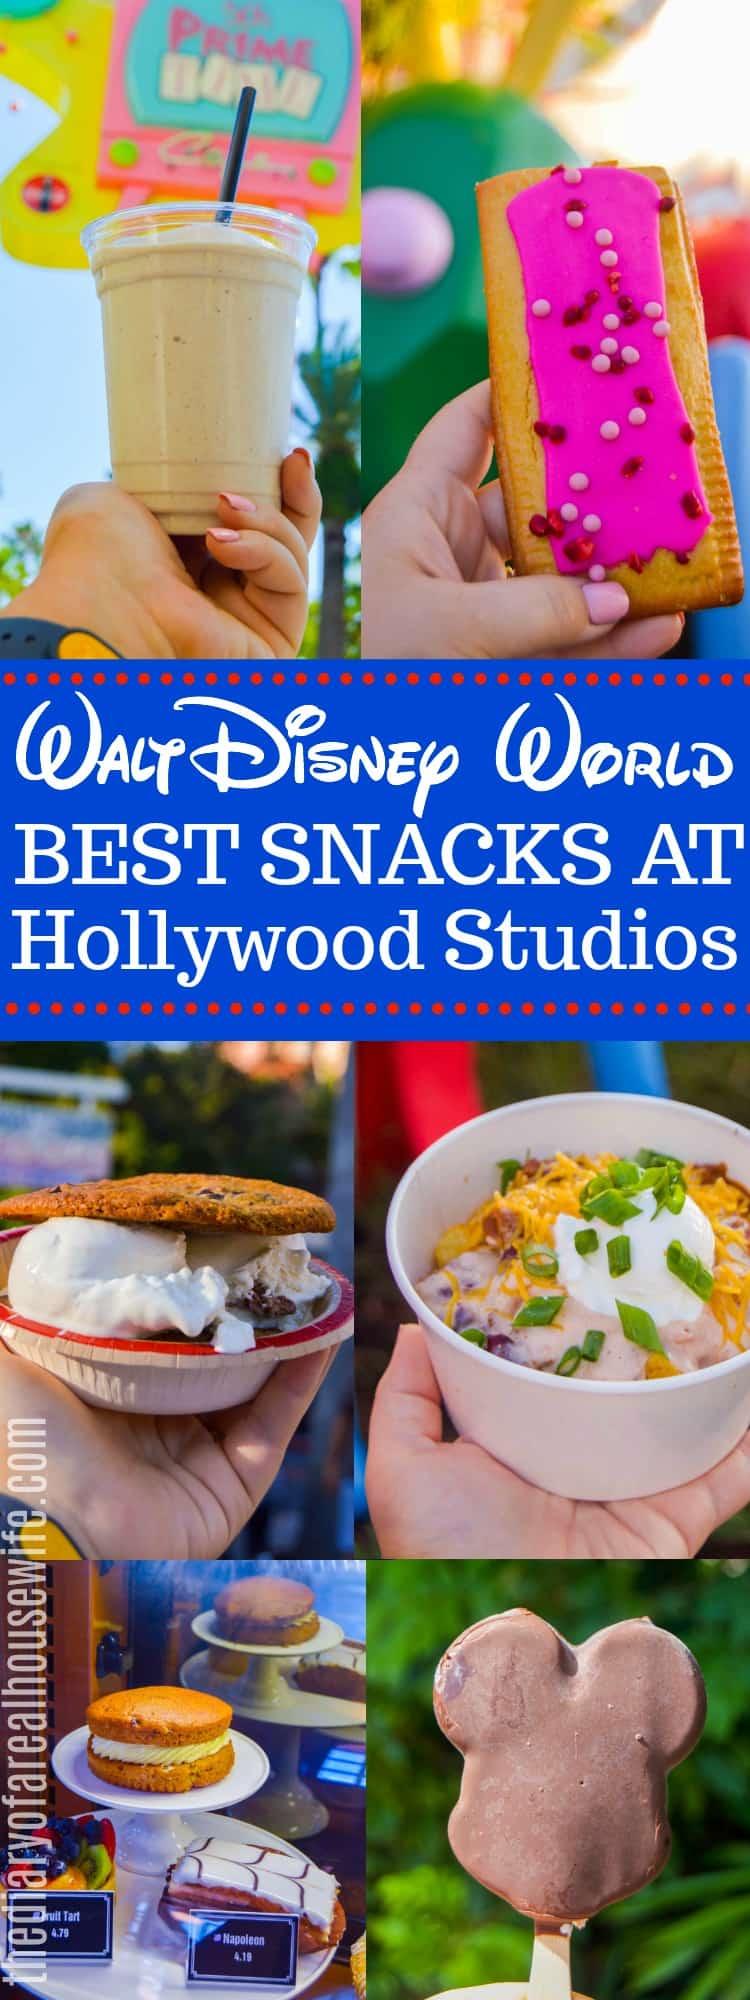 The Best Snacks in Disney - Hollywood Studios